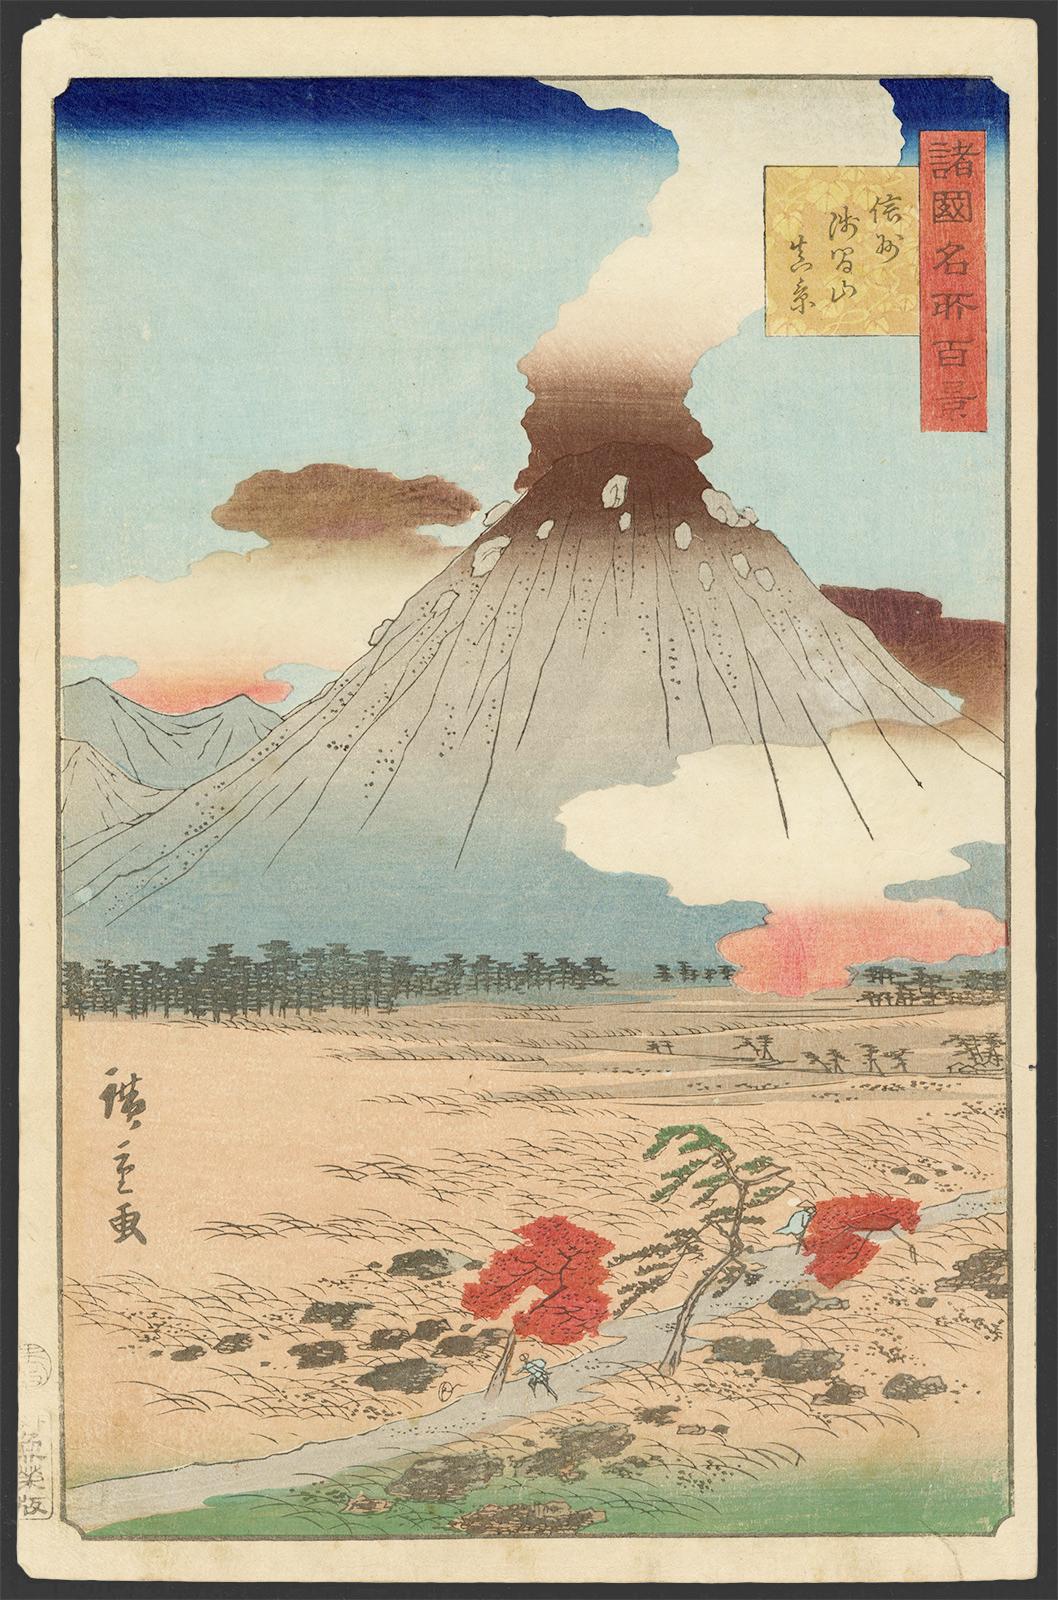 二代広重 / HiroshigeⅡ「諸国名所百景 信州浅間山真景」